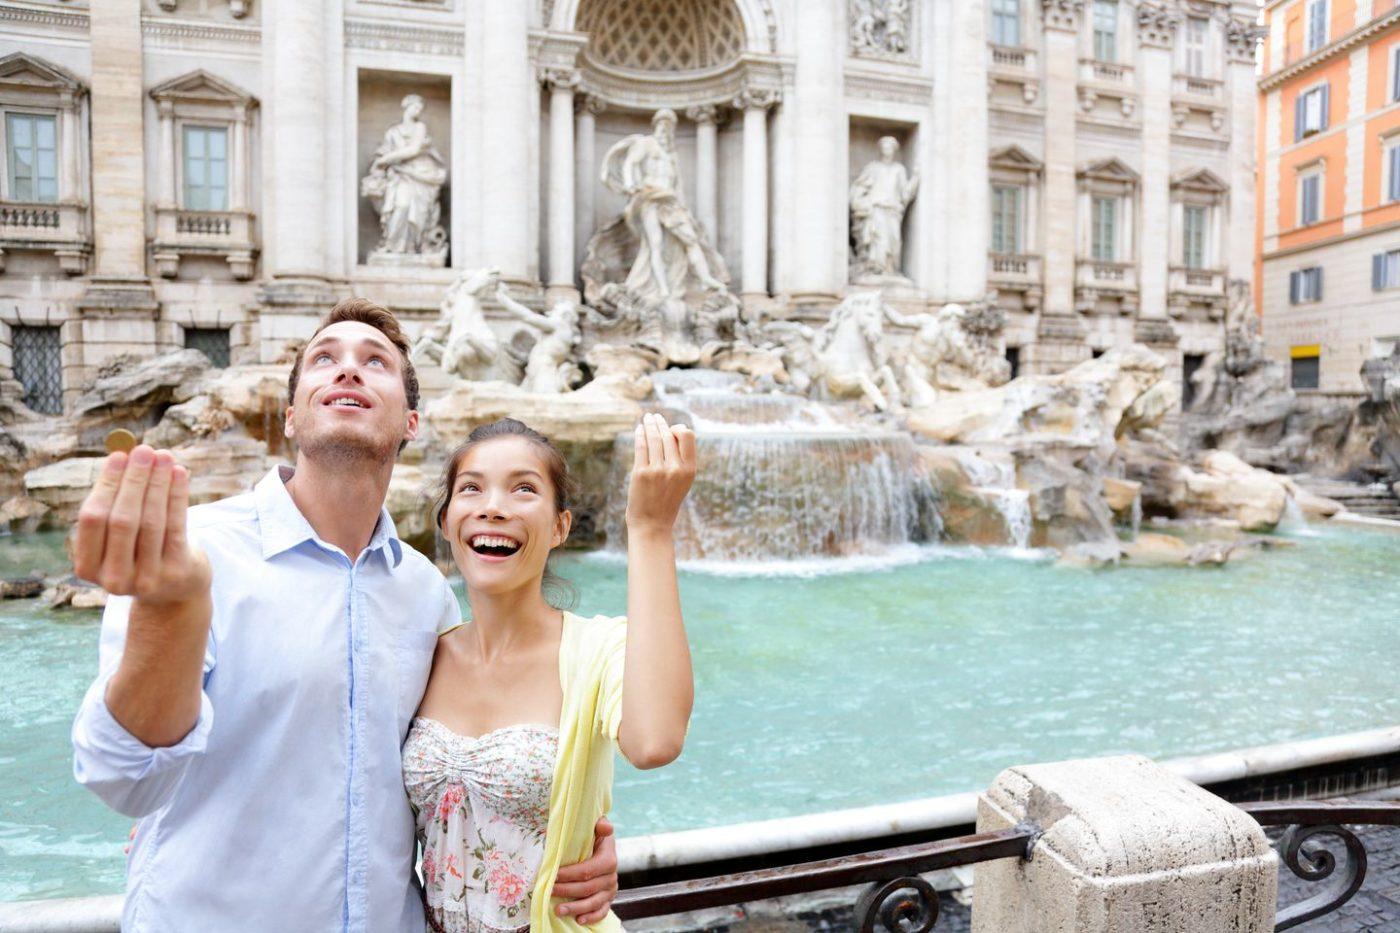 Una coppia di turisti stranieri lanciano la monetina nella fontana di Trevi a Roma